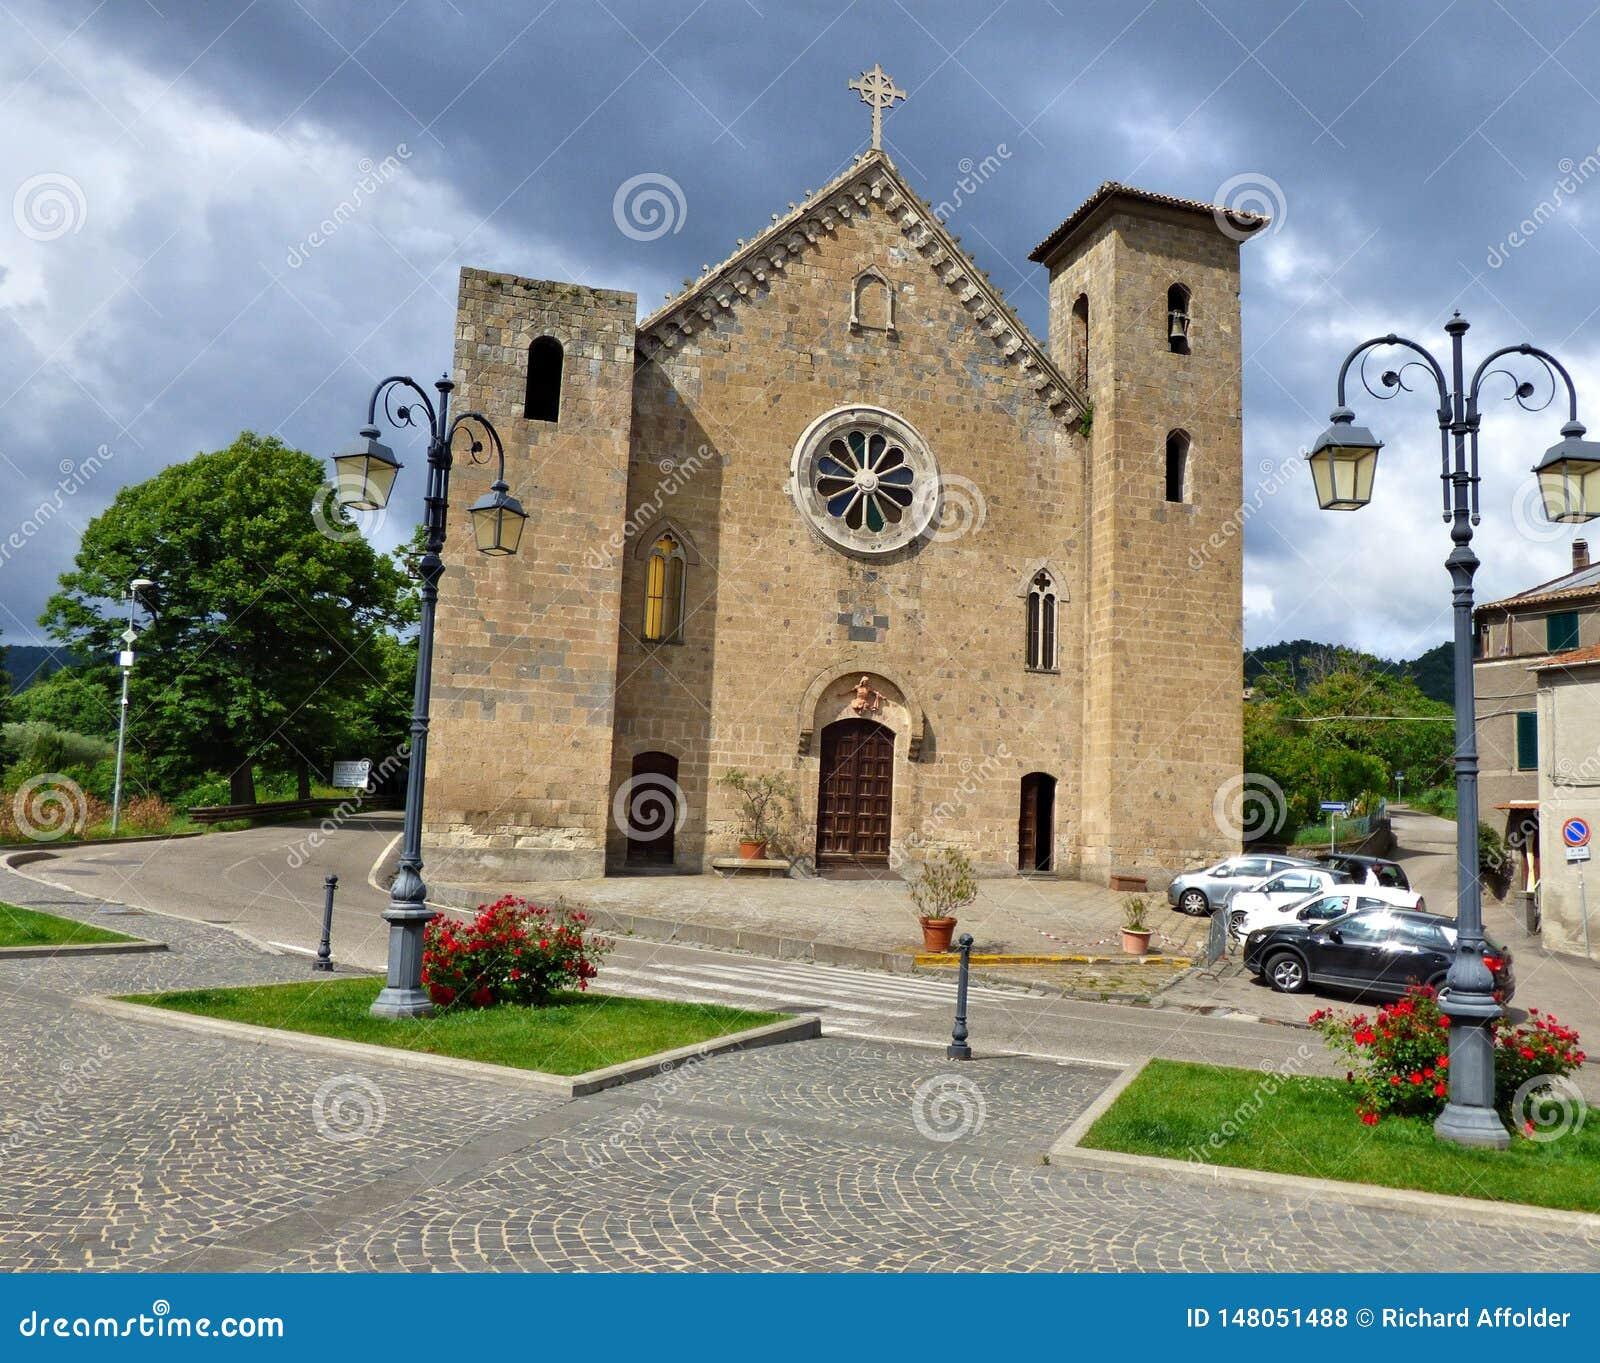 Θυελλώδεις ουρανοί πέρα από μια μεσαιωνική εκκλησία